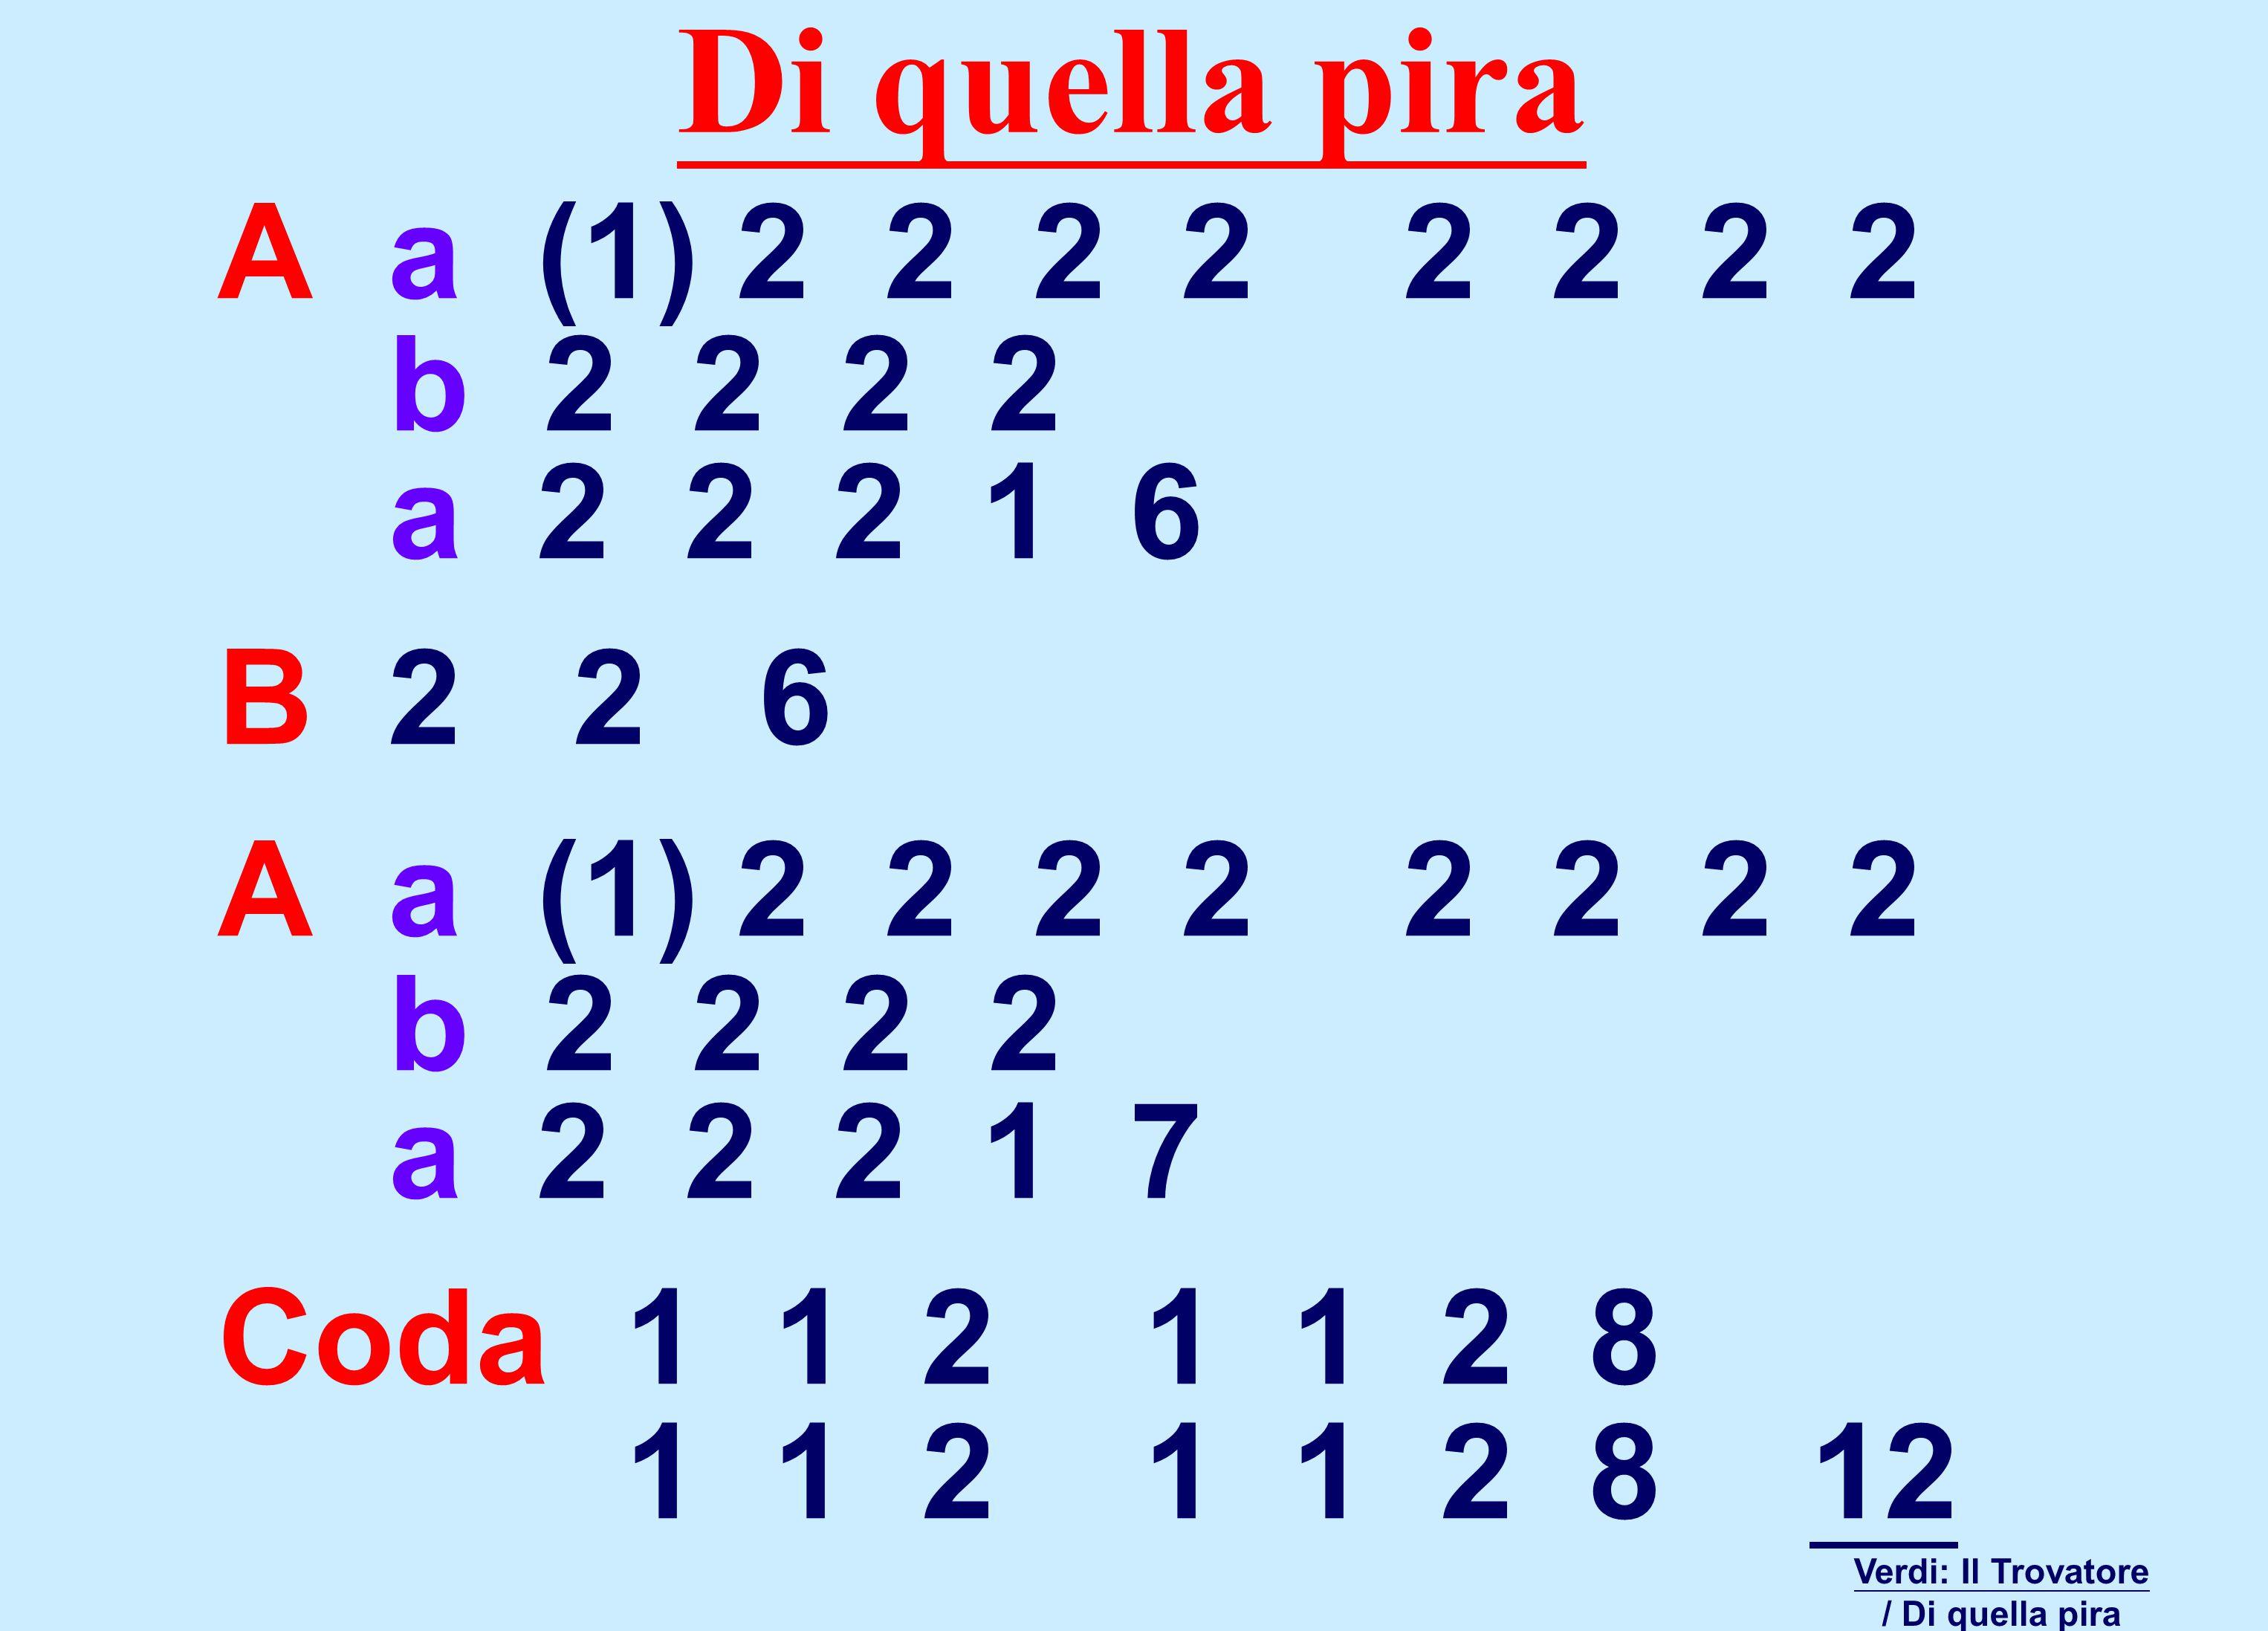 A a (1) 2 2 2 2 2 2 2 2 b 2 2 2 2 a 2 2 2 1 6 B 2 2 6 A a (1) 2 2 2 2 2 2 2 2 b 2 2 2 2 a 2 2 2 1 7 Coda 1 1 2 1 1 2 8 1 1 2 1 1 2 8 12 Verdi: Il Trovatore / Di quella pira Di quella pira